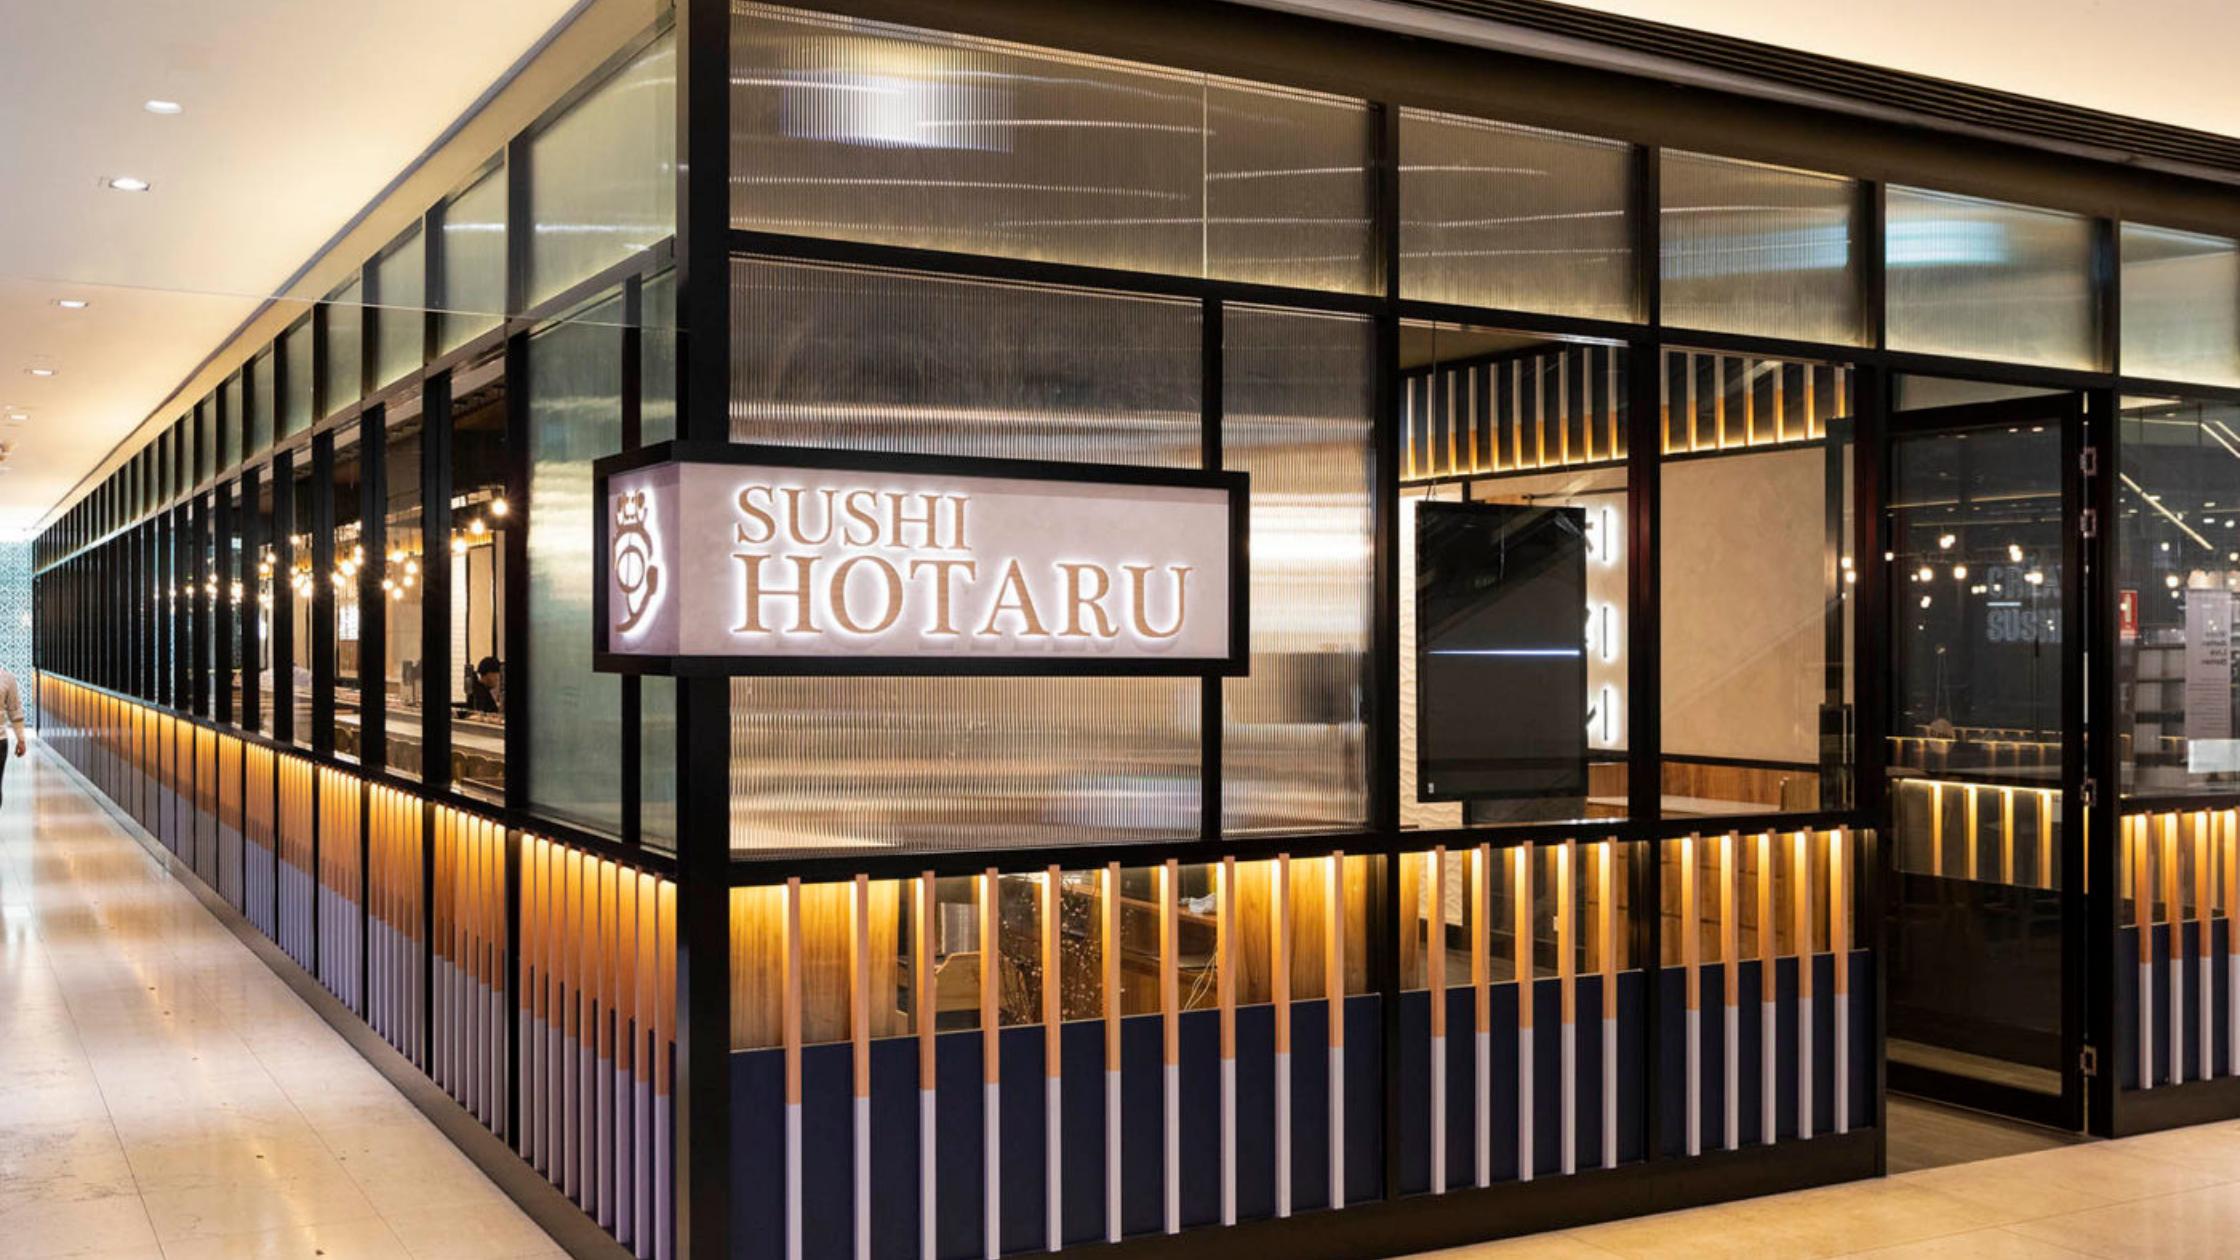 Sushi Hotaru shop front